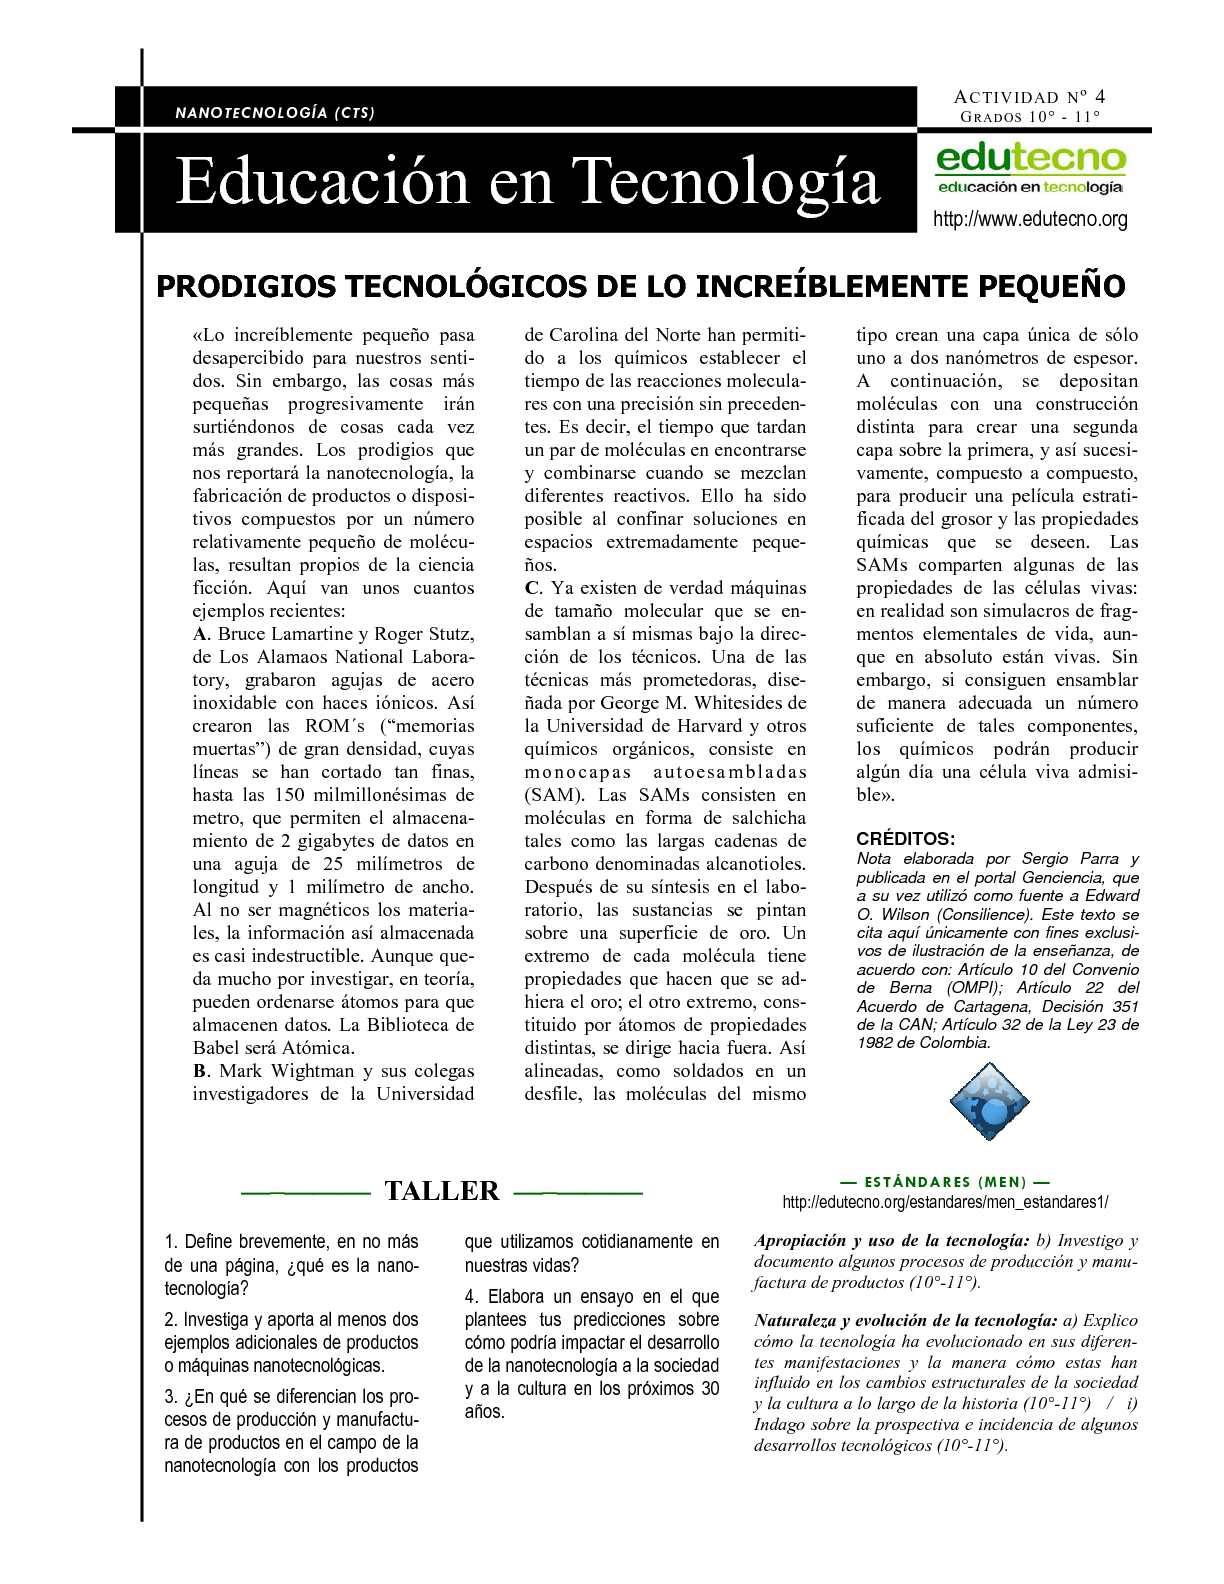 PRODIGIOS TECNOLÓGICOS DE LO INCREÍBLEMENTE PEQUEÑO